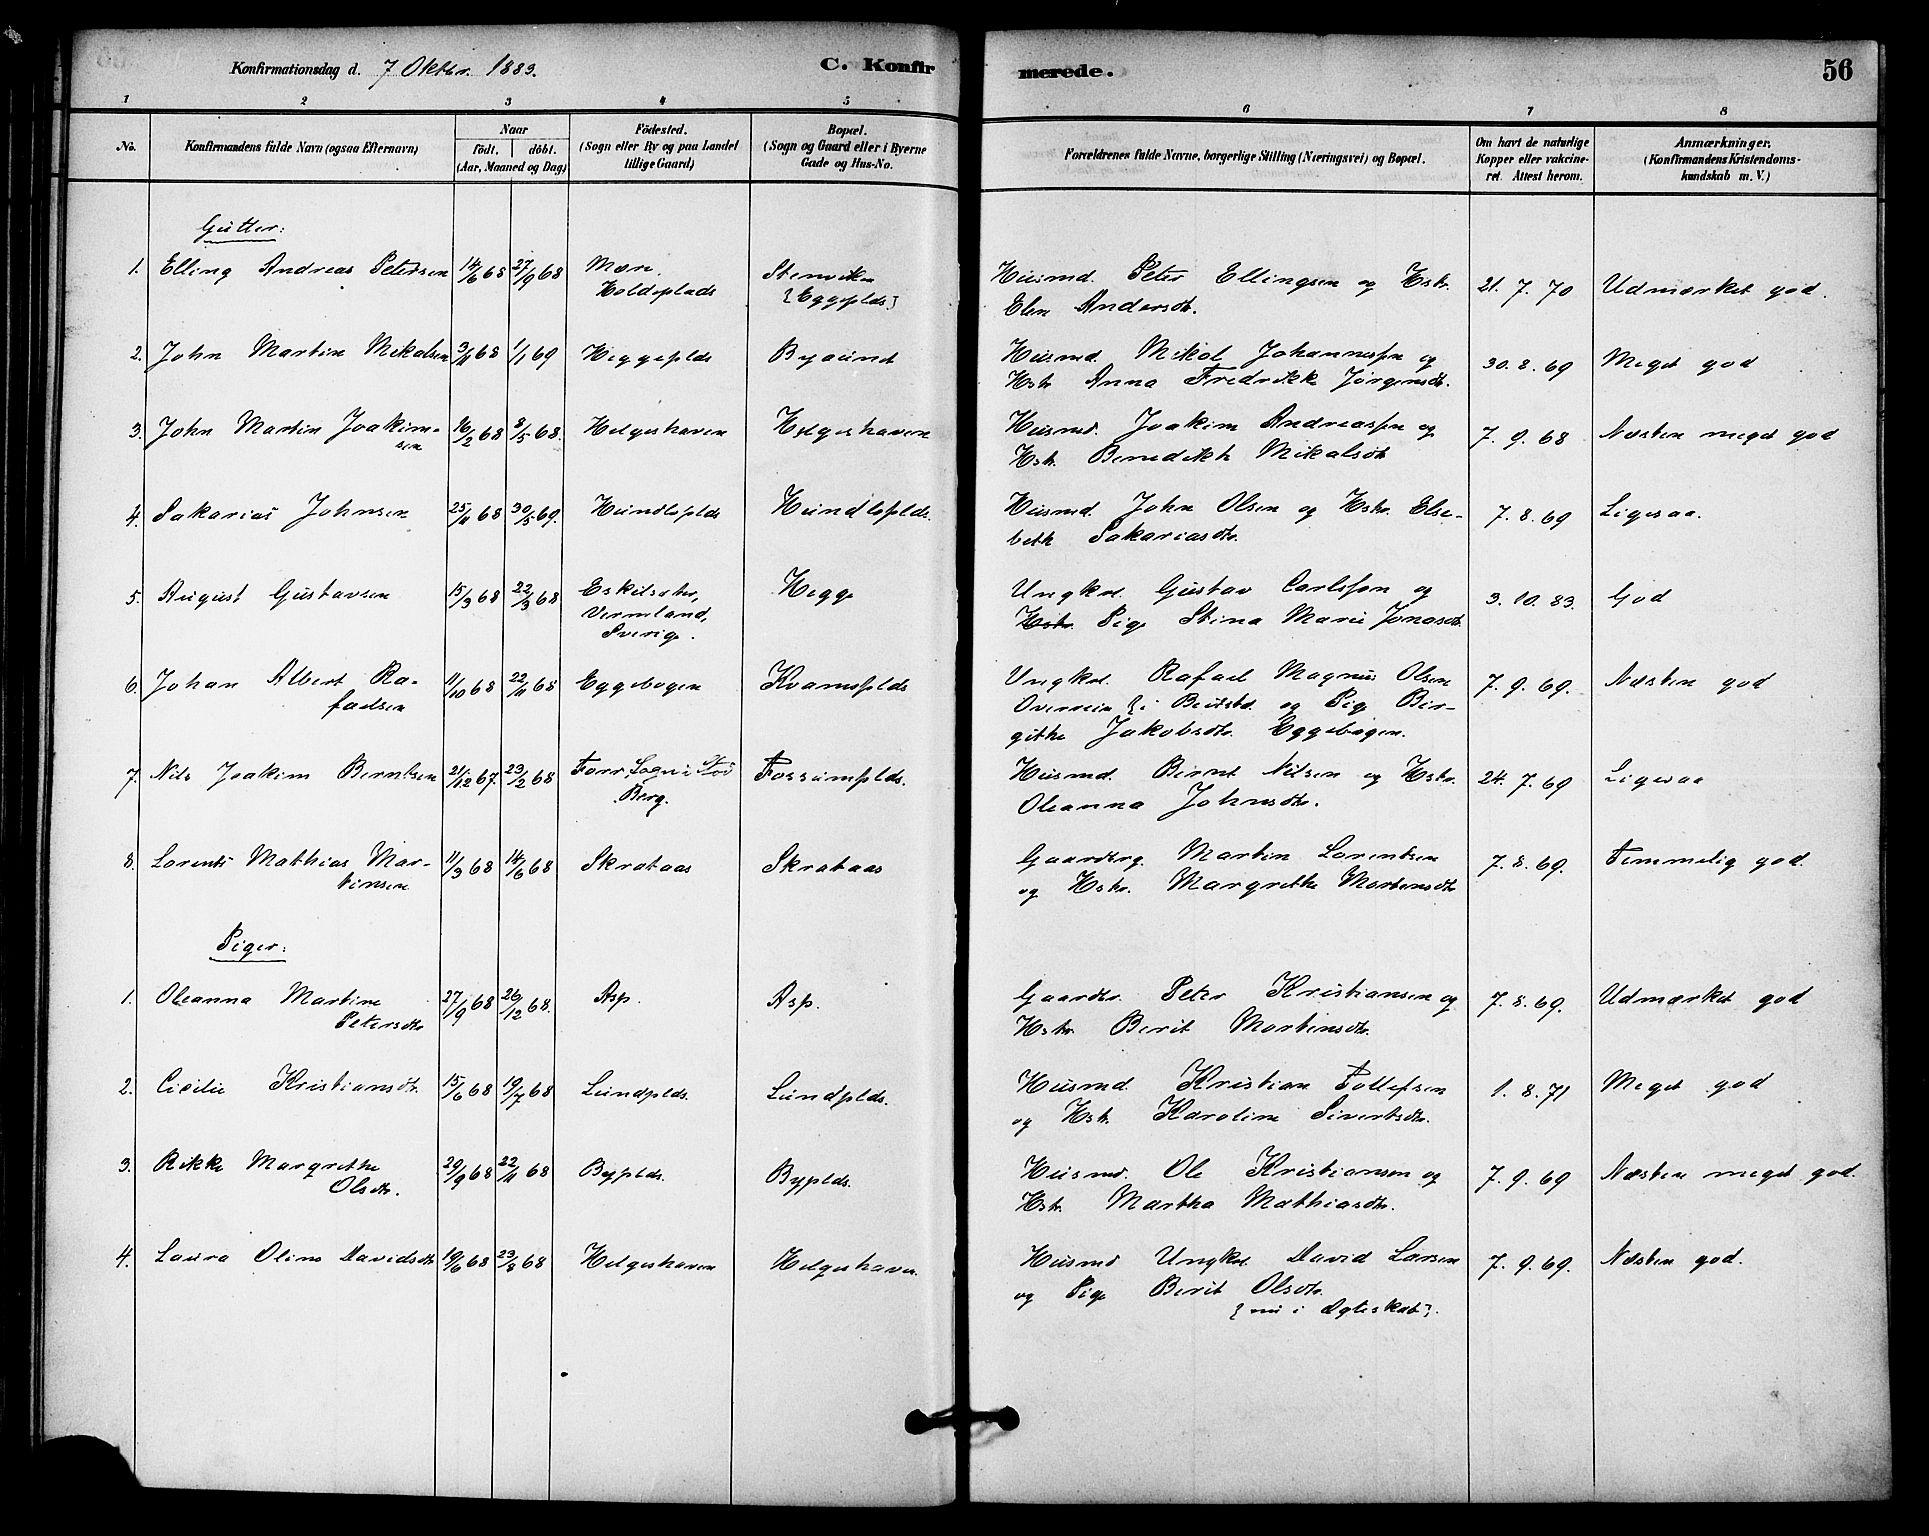 SAT, Ministerialprotokoller, klokkerbøker og fødselsregistre - Nord-Trøndelag, 740/L0378: Ministerialbok nr. 740A01, 1881-1895, s. 56